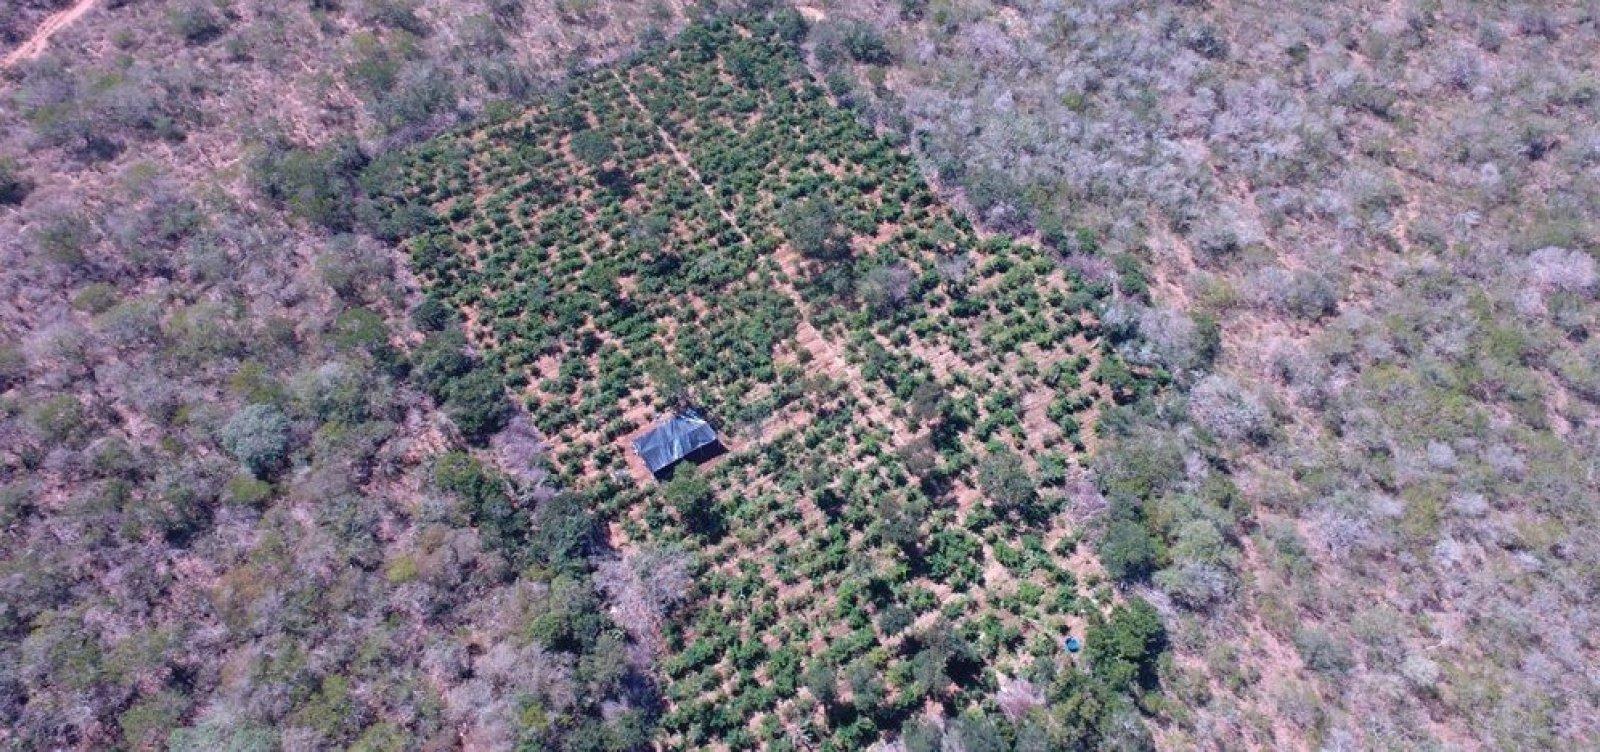 [Polícia encontra cerca de 40 mil pés de maconha em plantação no norte da Bahia]